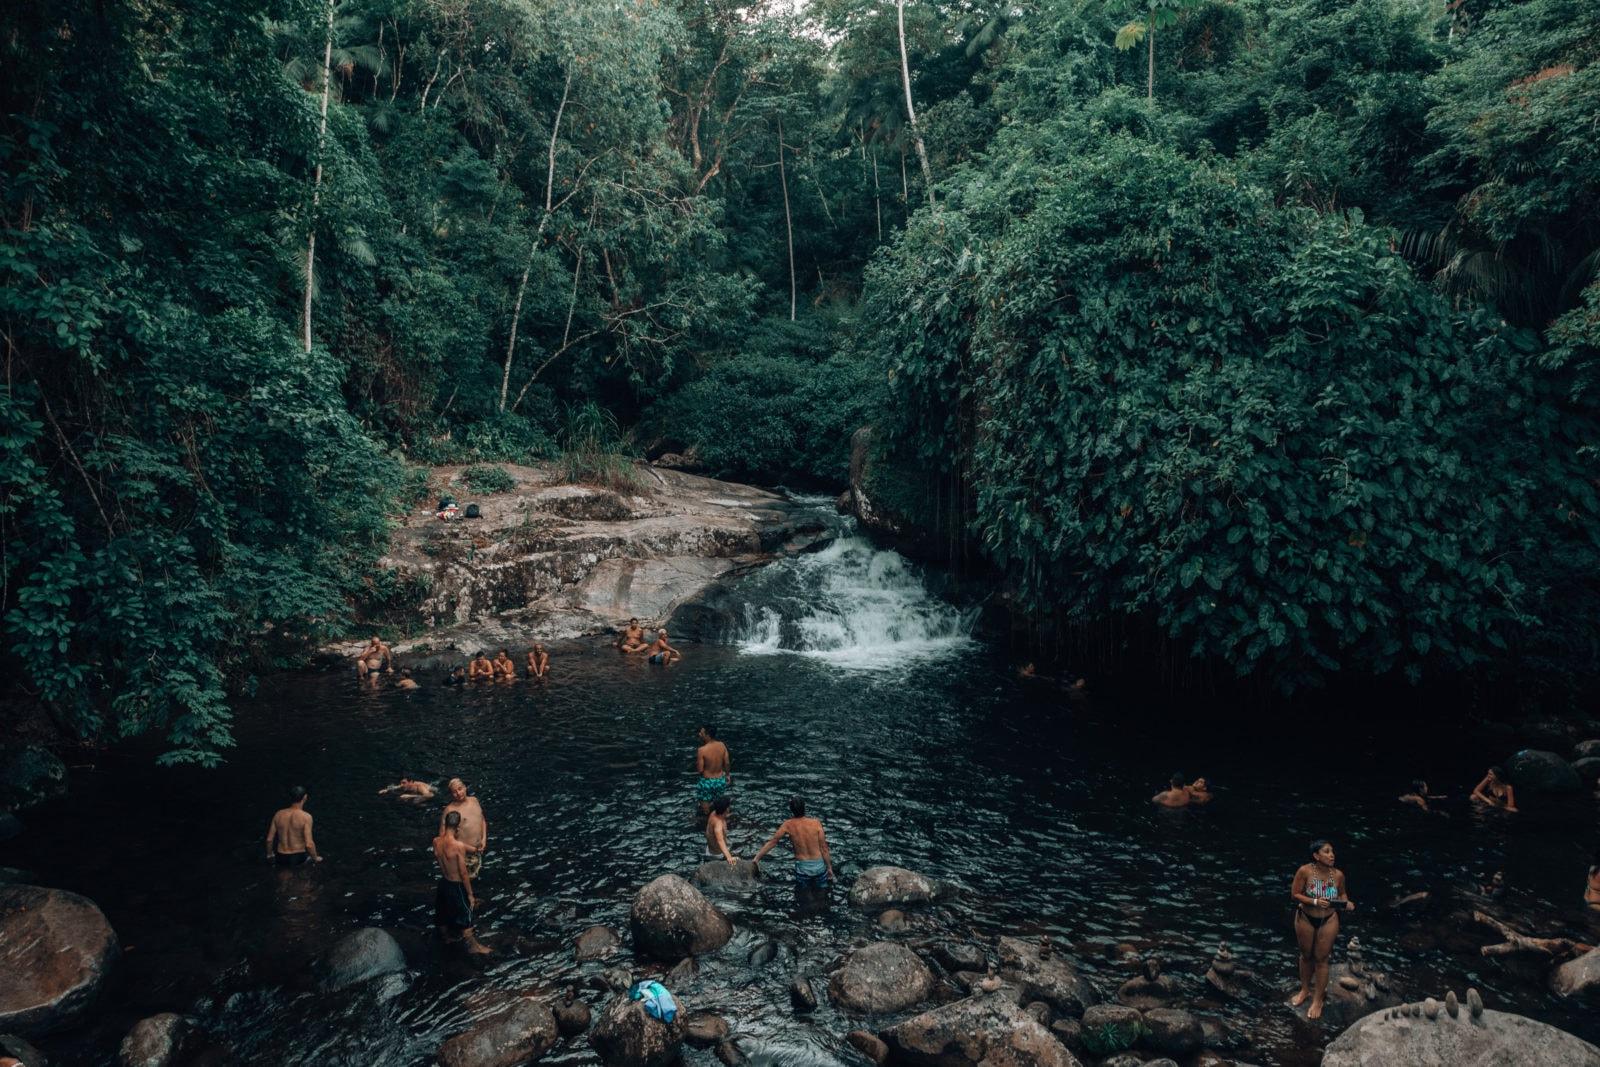 Badende an Wasserfall im Dschungel bei Paraty